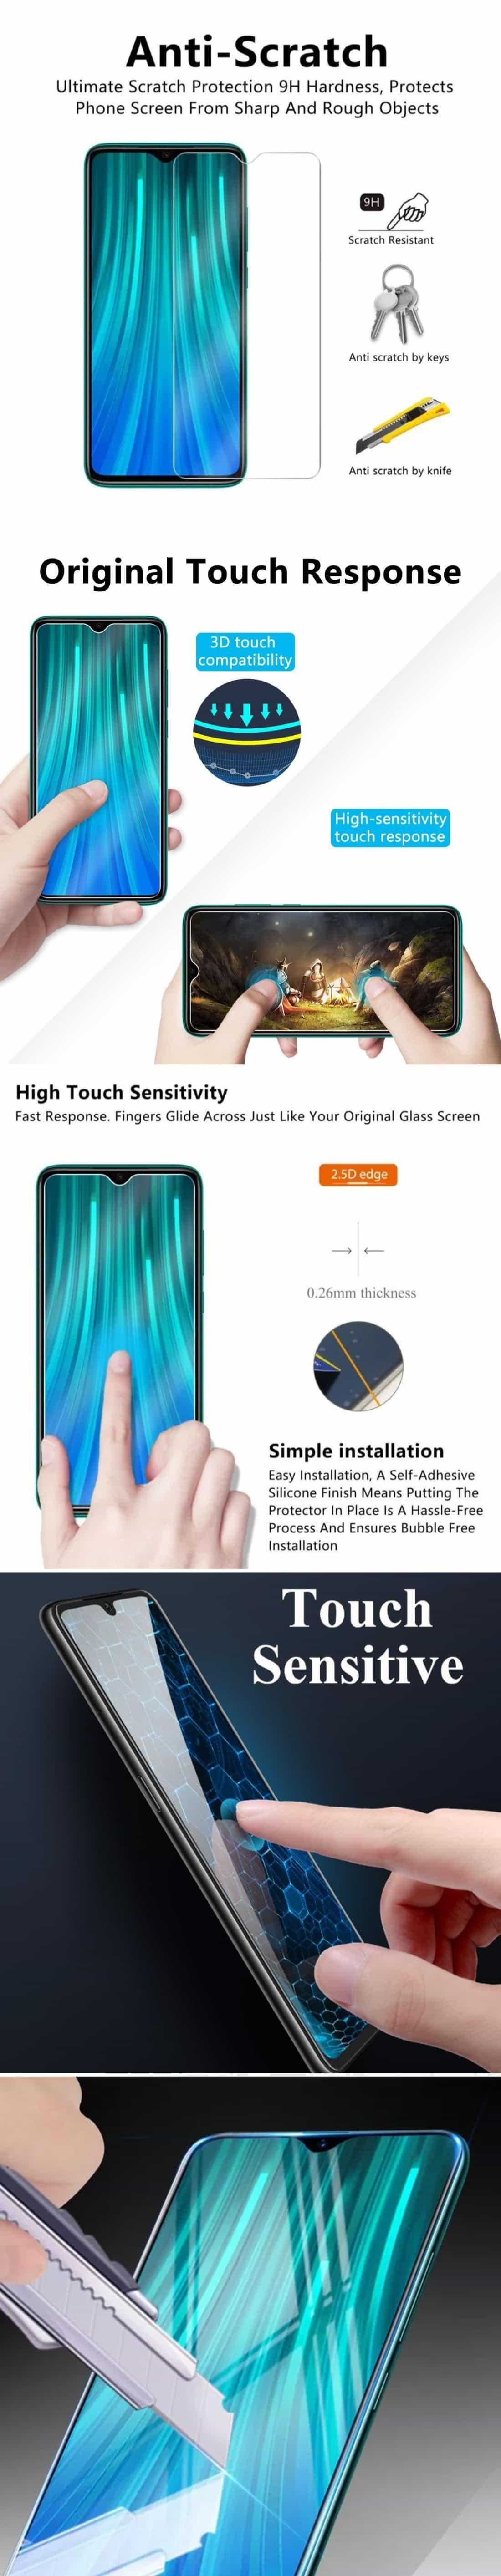 Prezentare-Folie-Xiaomi-Redmi-Note-8-Pro980e8f6cc92888fa.jpg